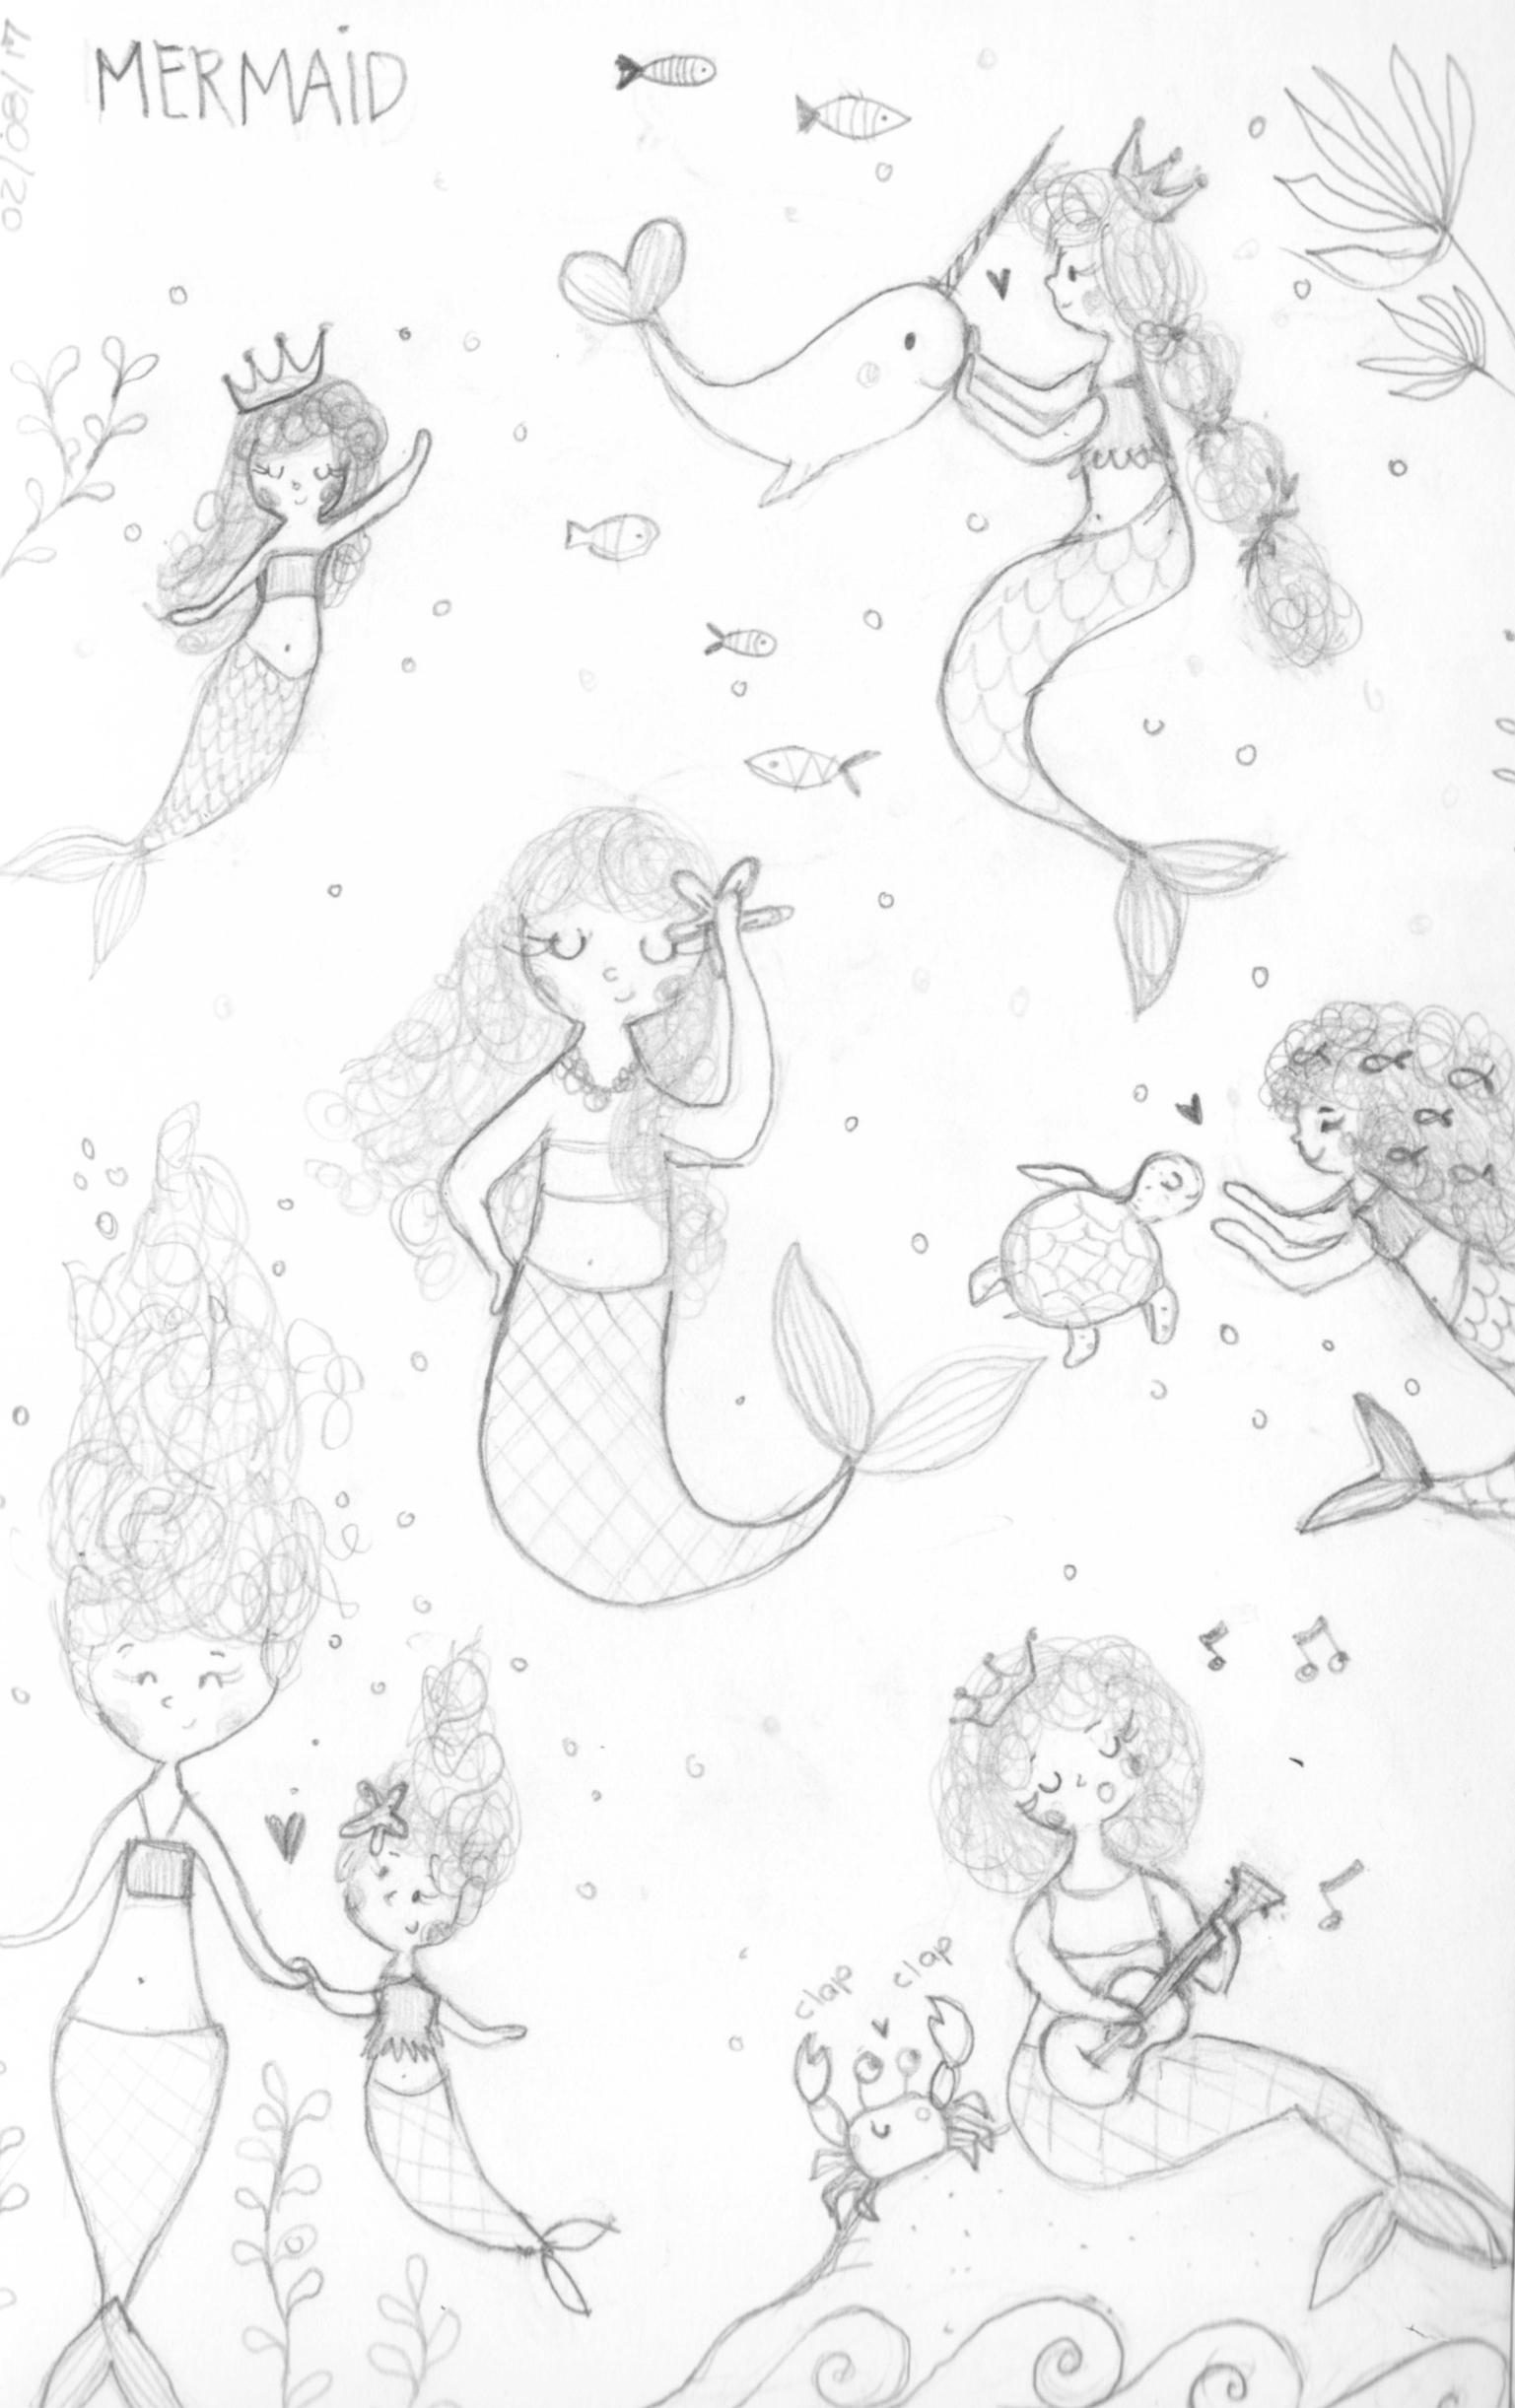 Mermaid sketch - from my sketchbook